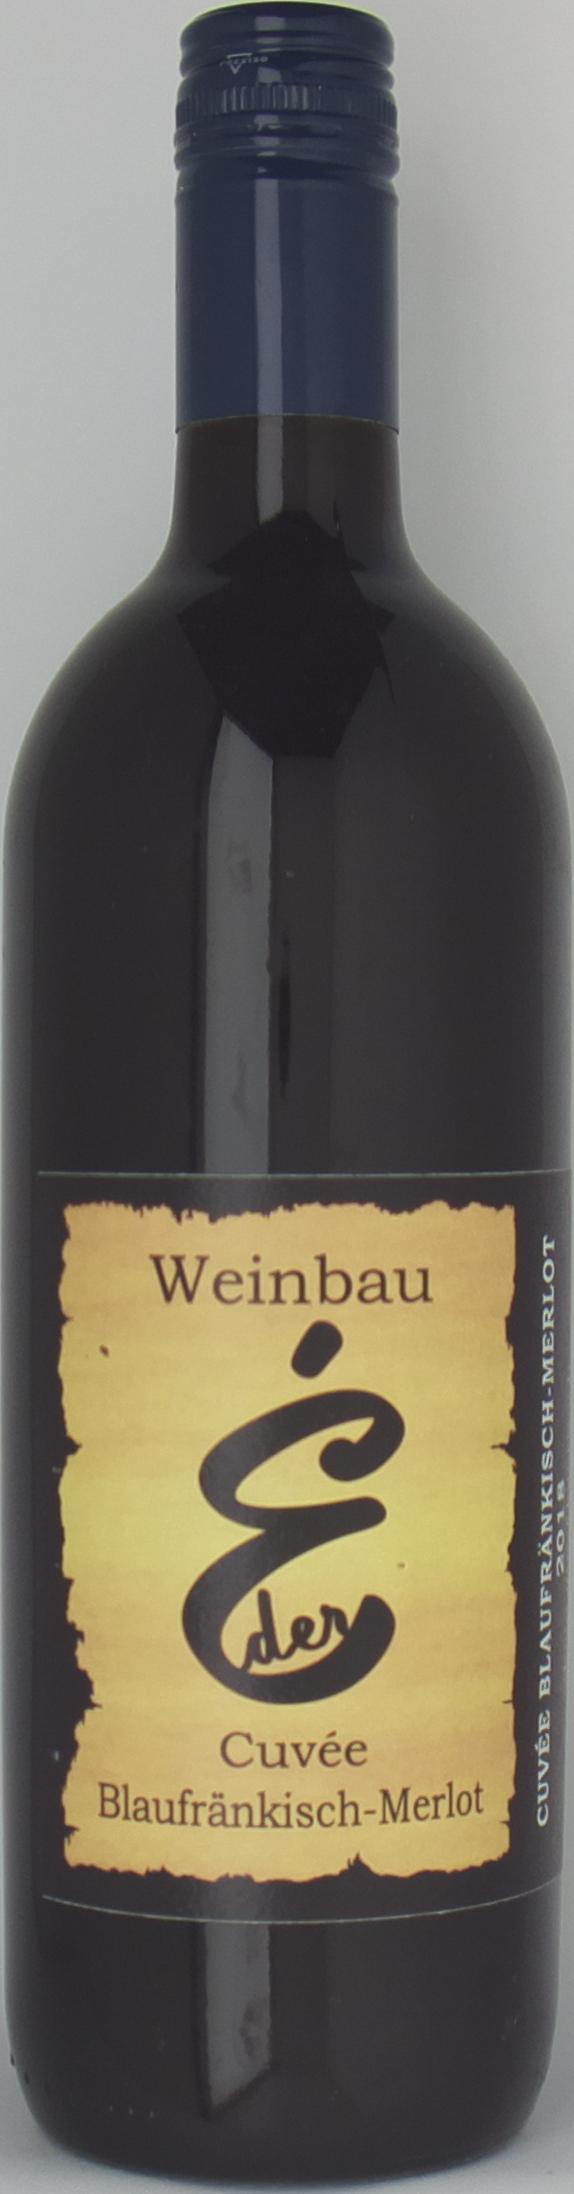 Cuvée (Blaufränkisch-Merlot) 2018